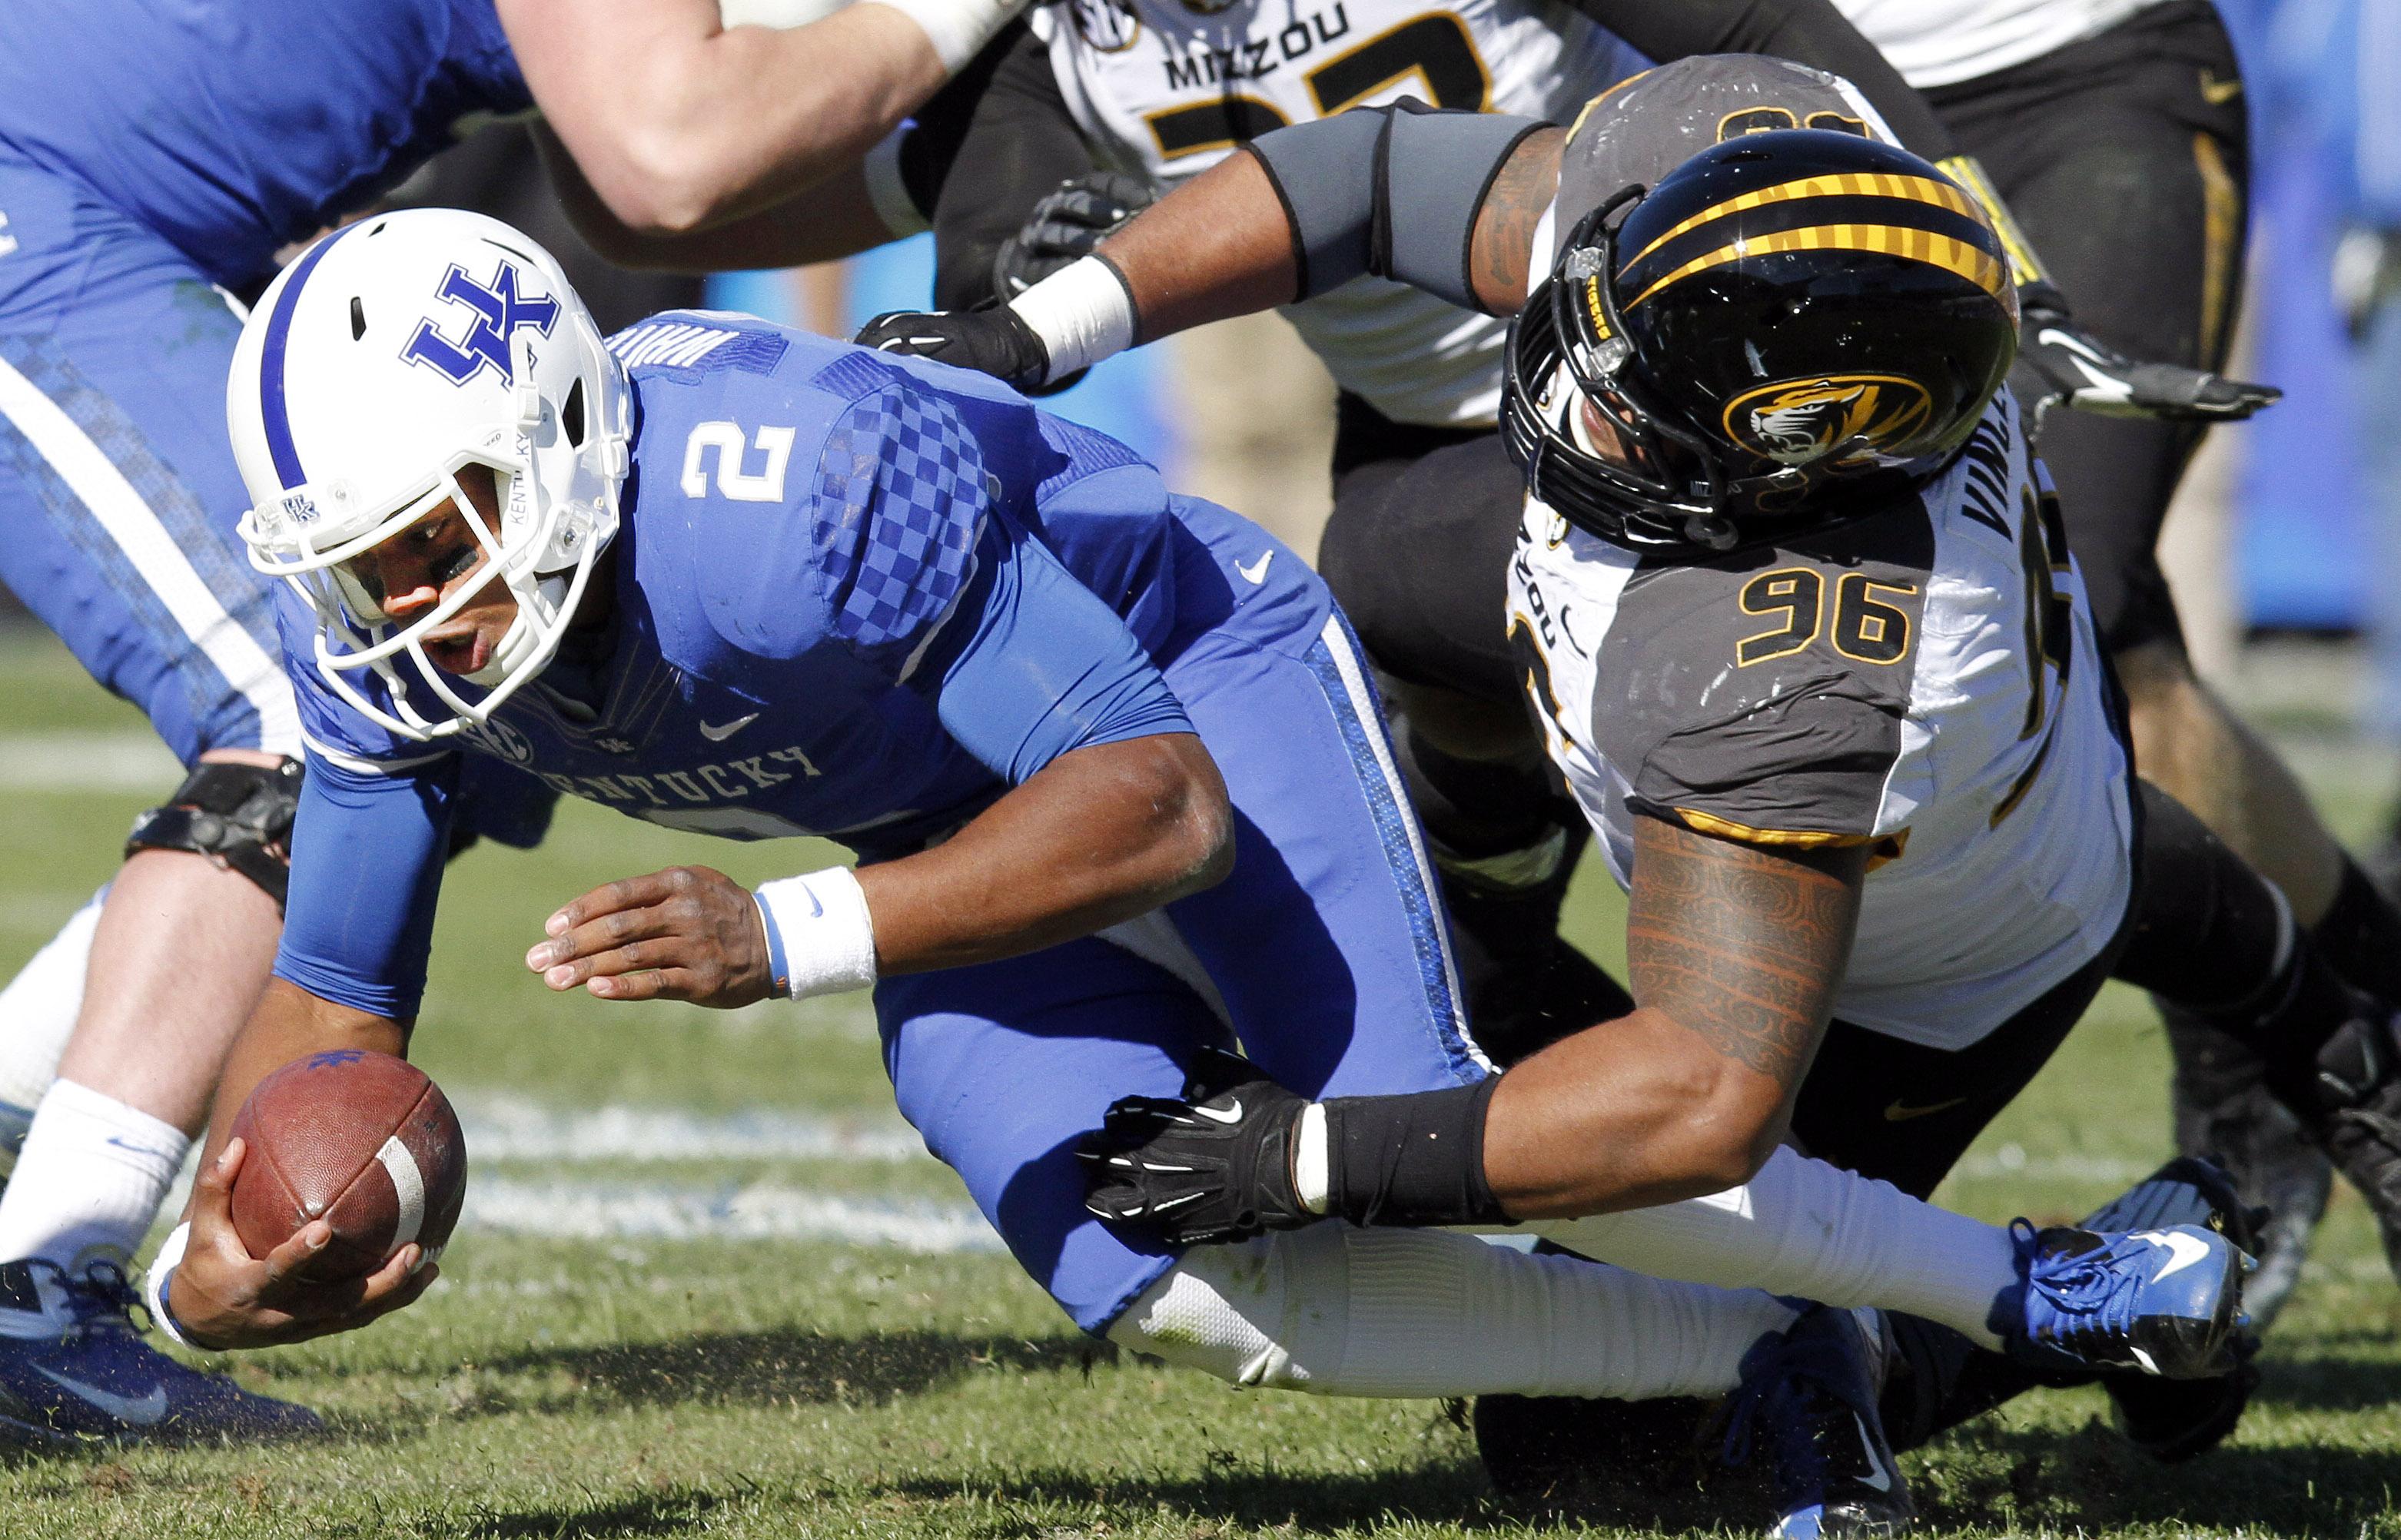 Mauk leads No. 9 Missouri past Kentucky, 48-17